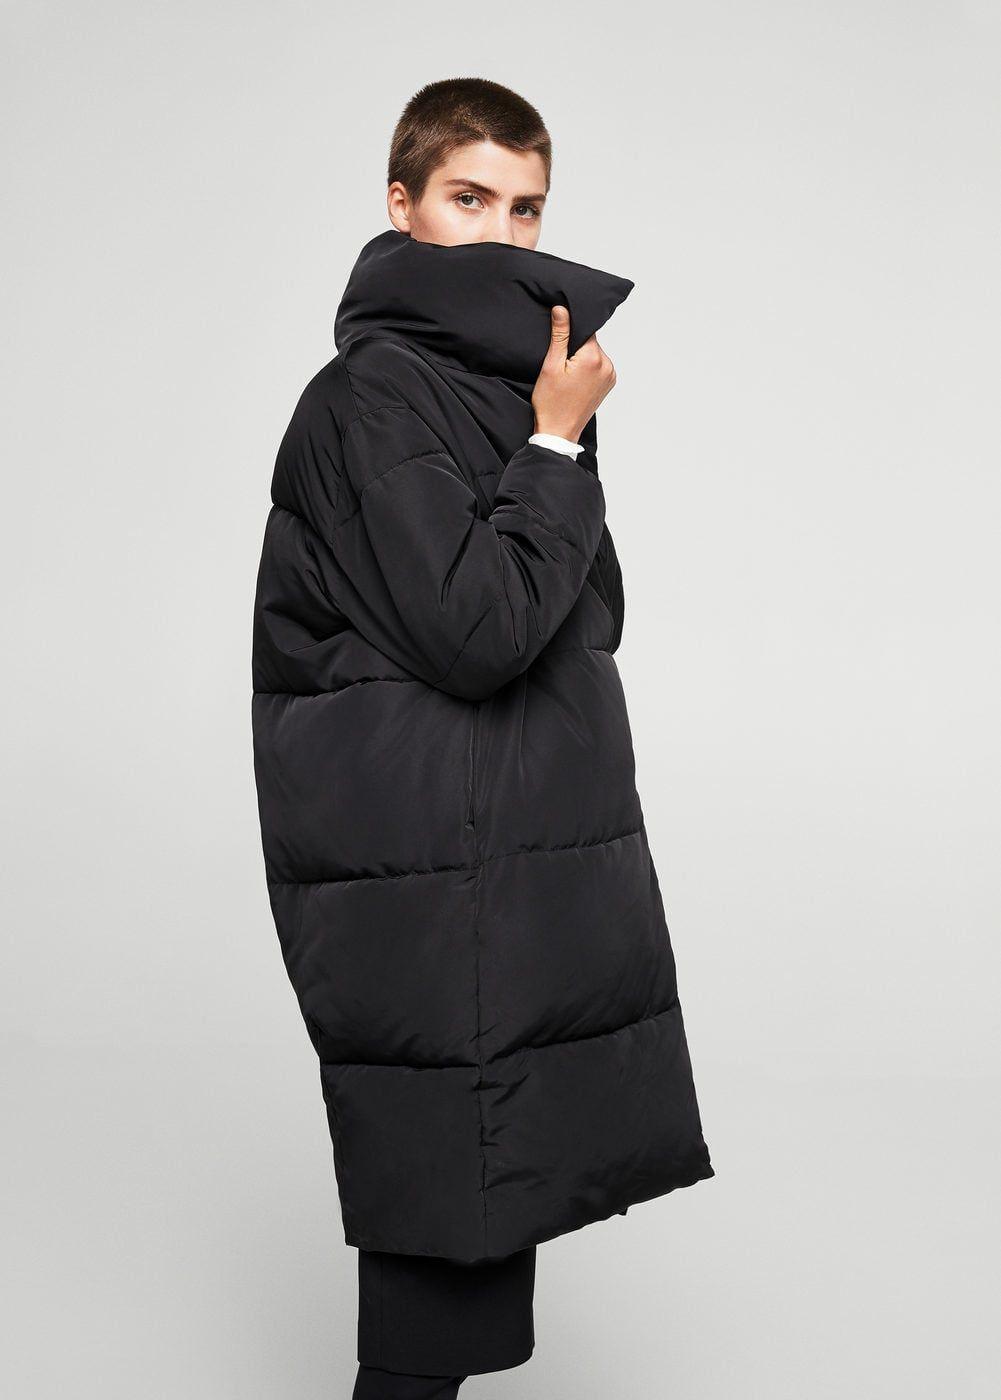 941578b17c1c Oversize quilted coat